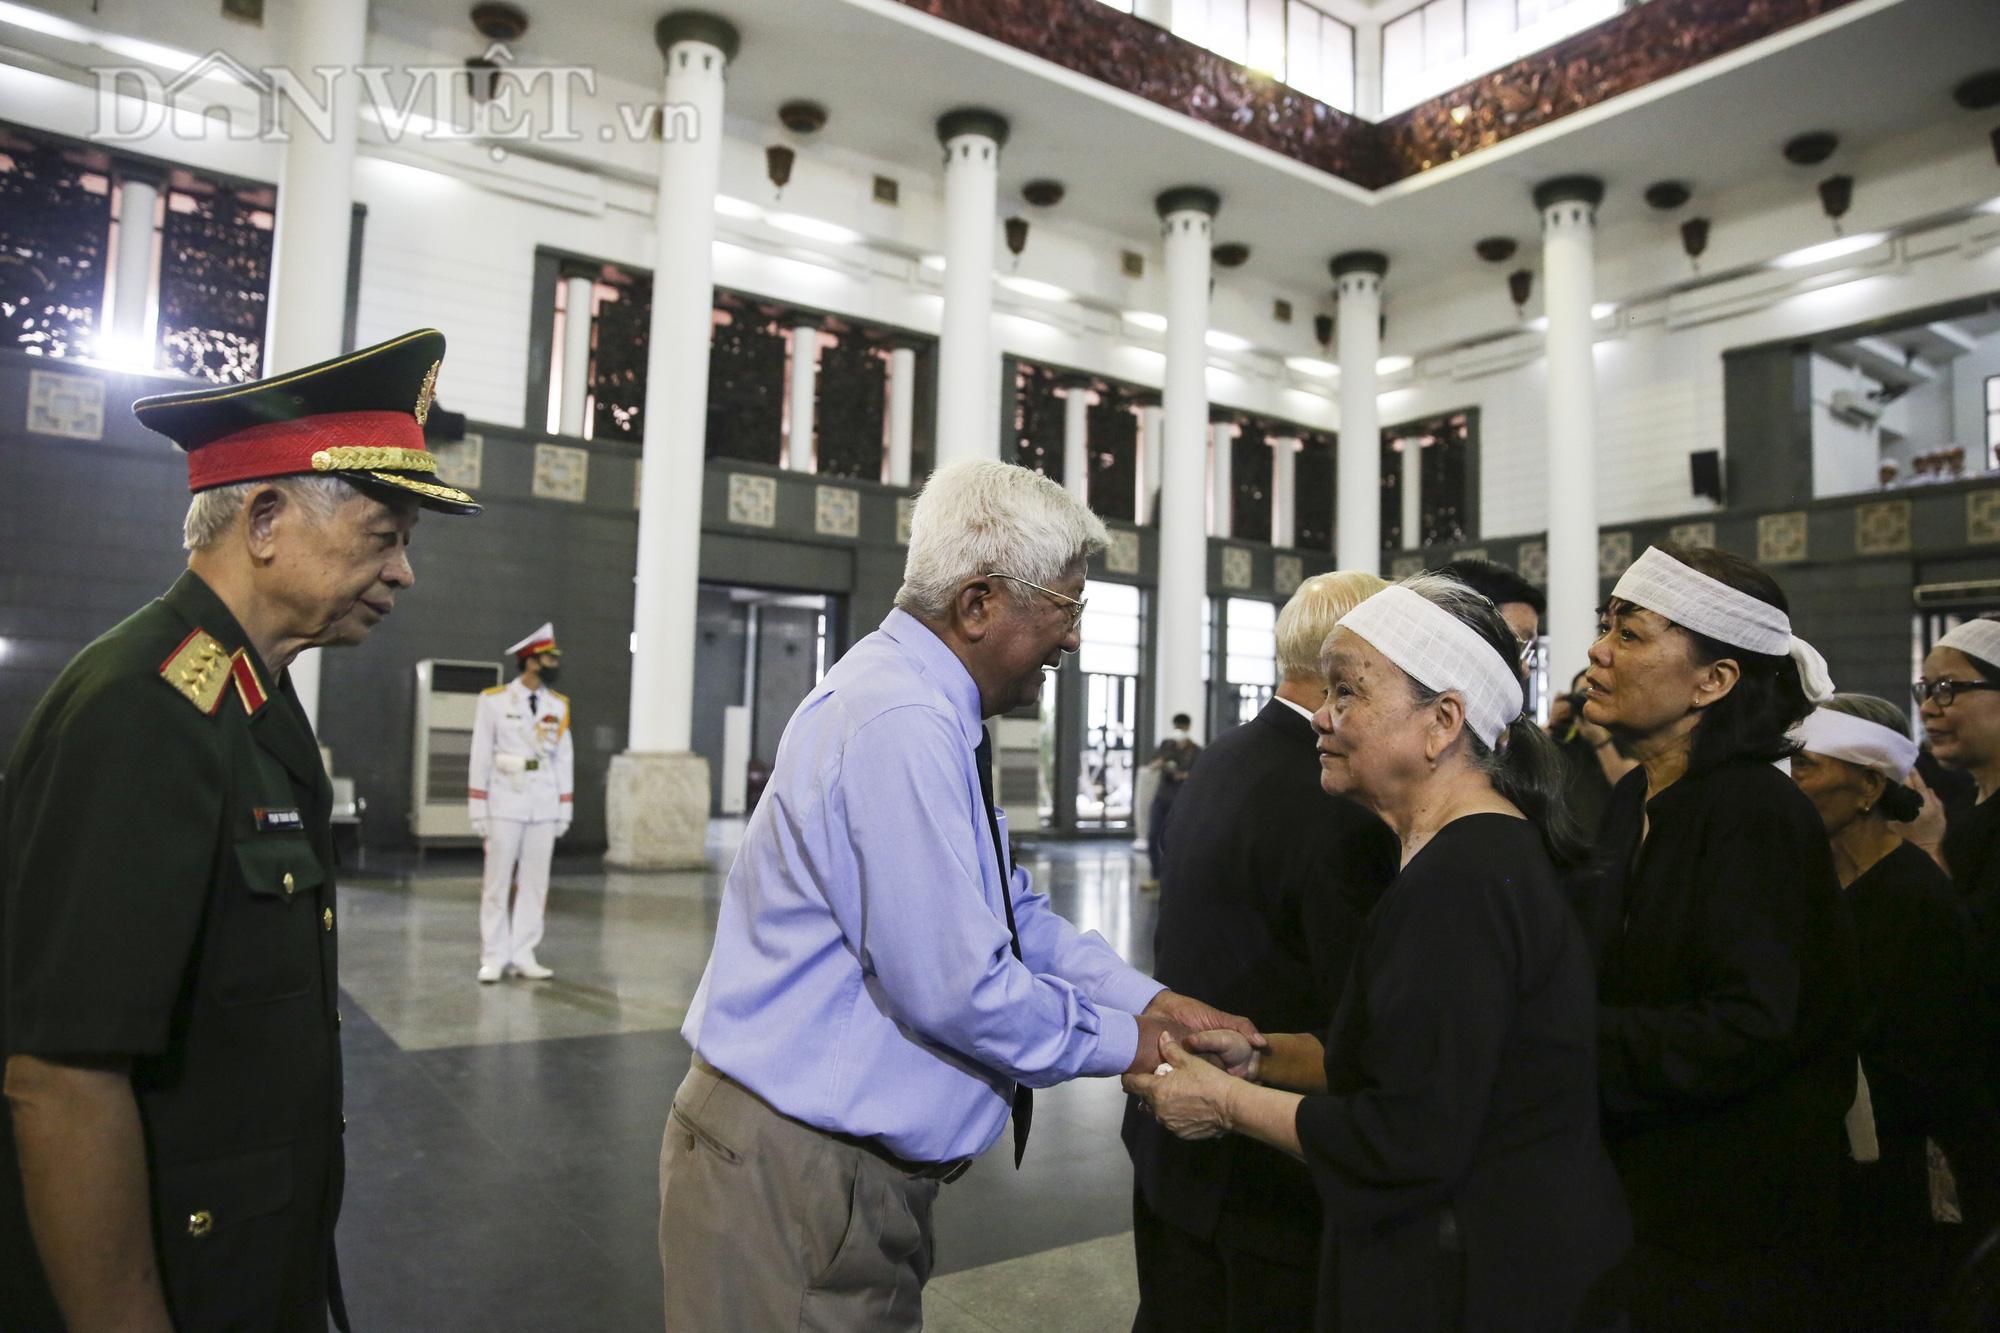 Thủ tướng đến viếng, tiễn đưa đồng chí Nguyễn Đình Hương - Ảnh 14.